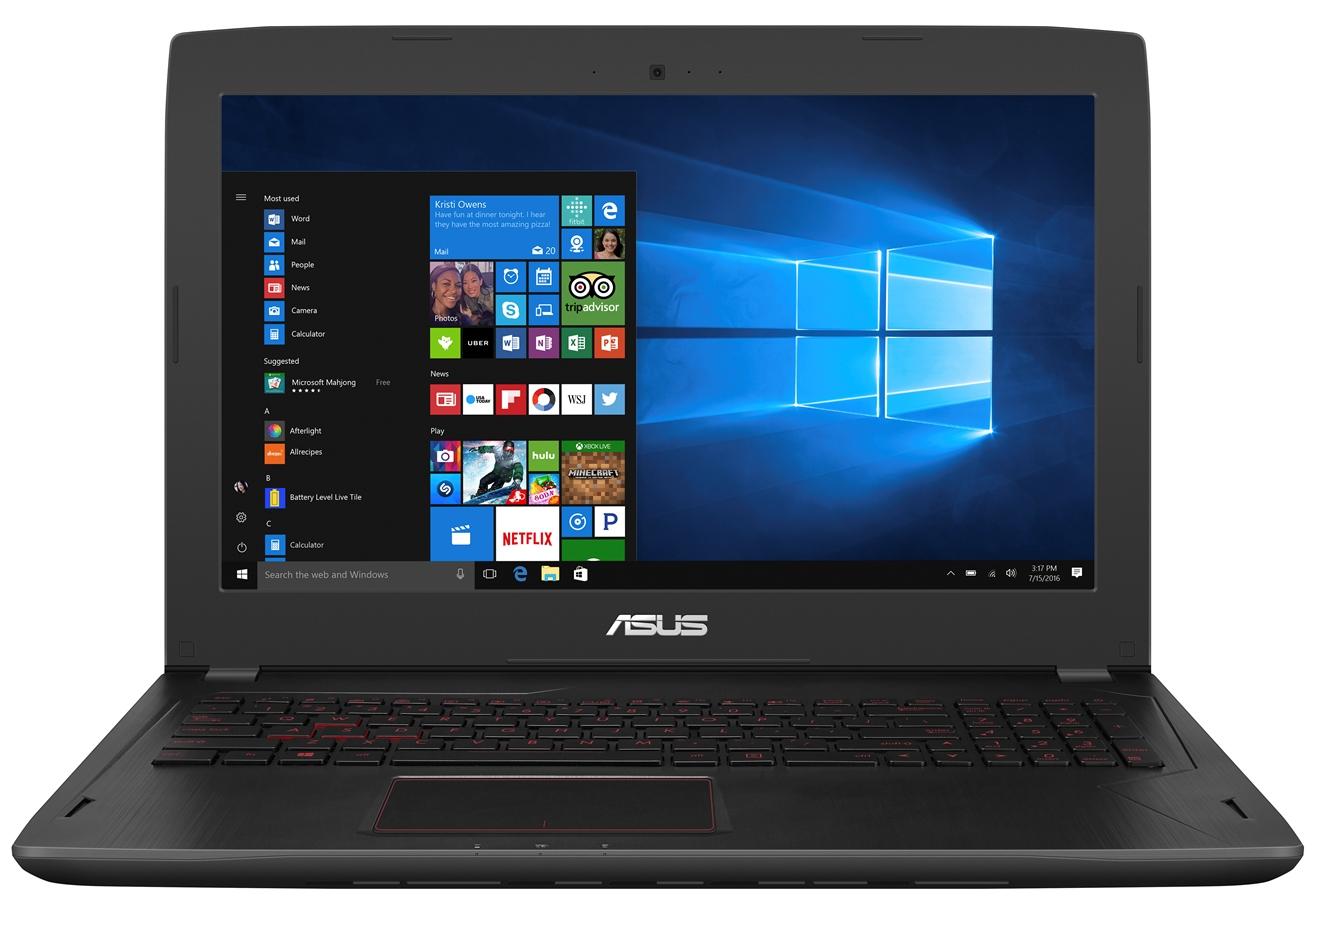 """ASUS FX502VD-FY060T i7-7700HQ/DDR4 8GB + DRAM DDR4 8G/1T 7200 ot./15,6"""" IPS/FHD/W10/Black"""